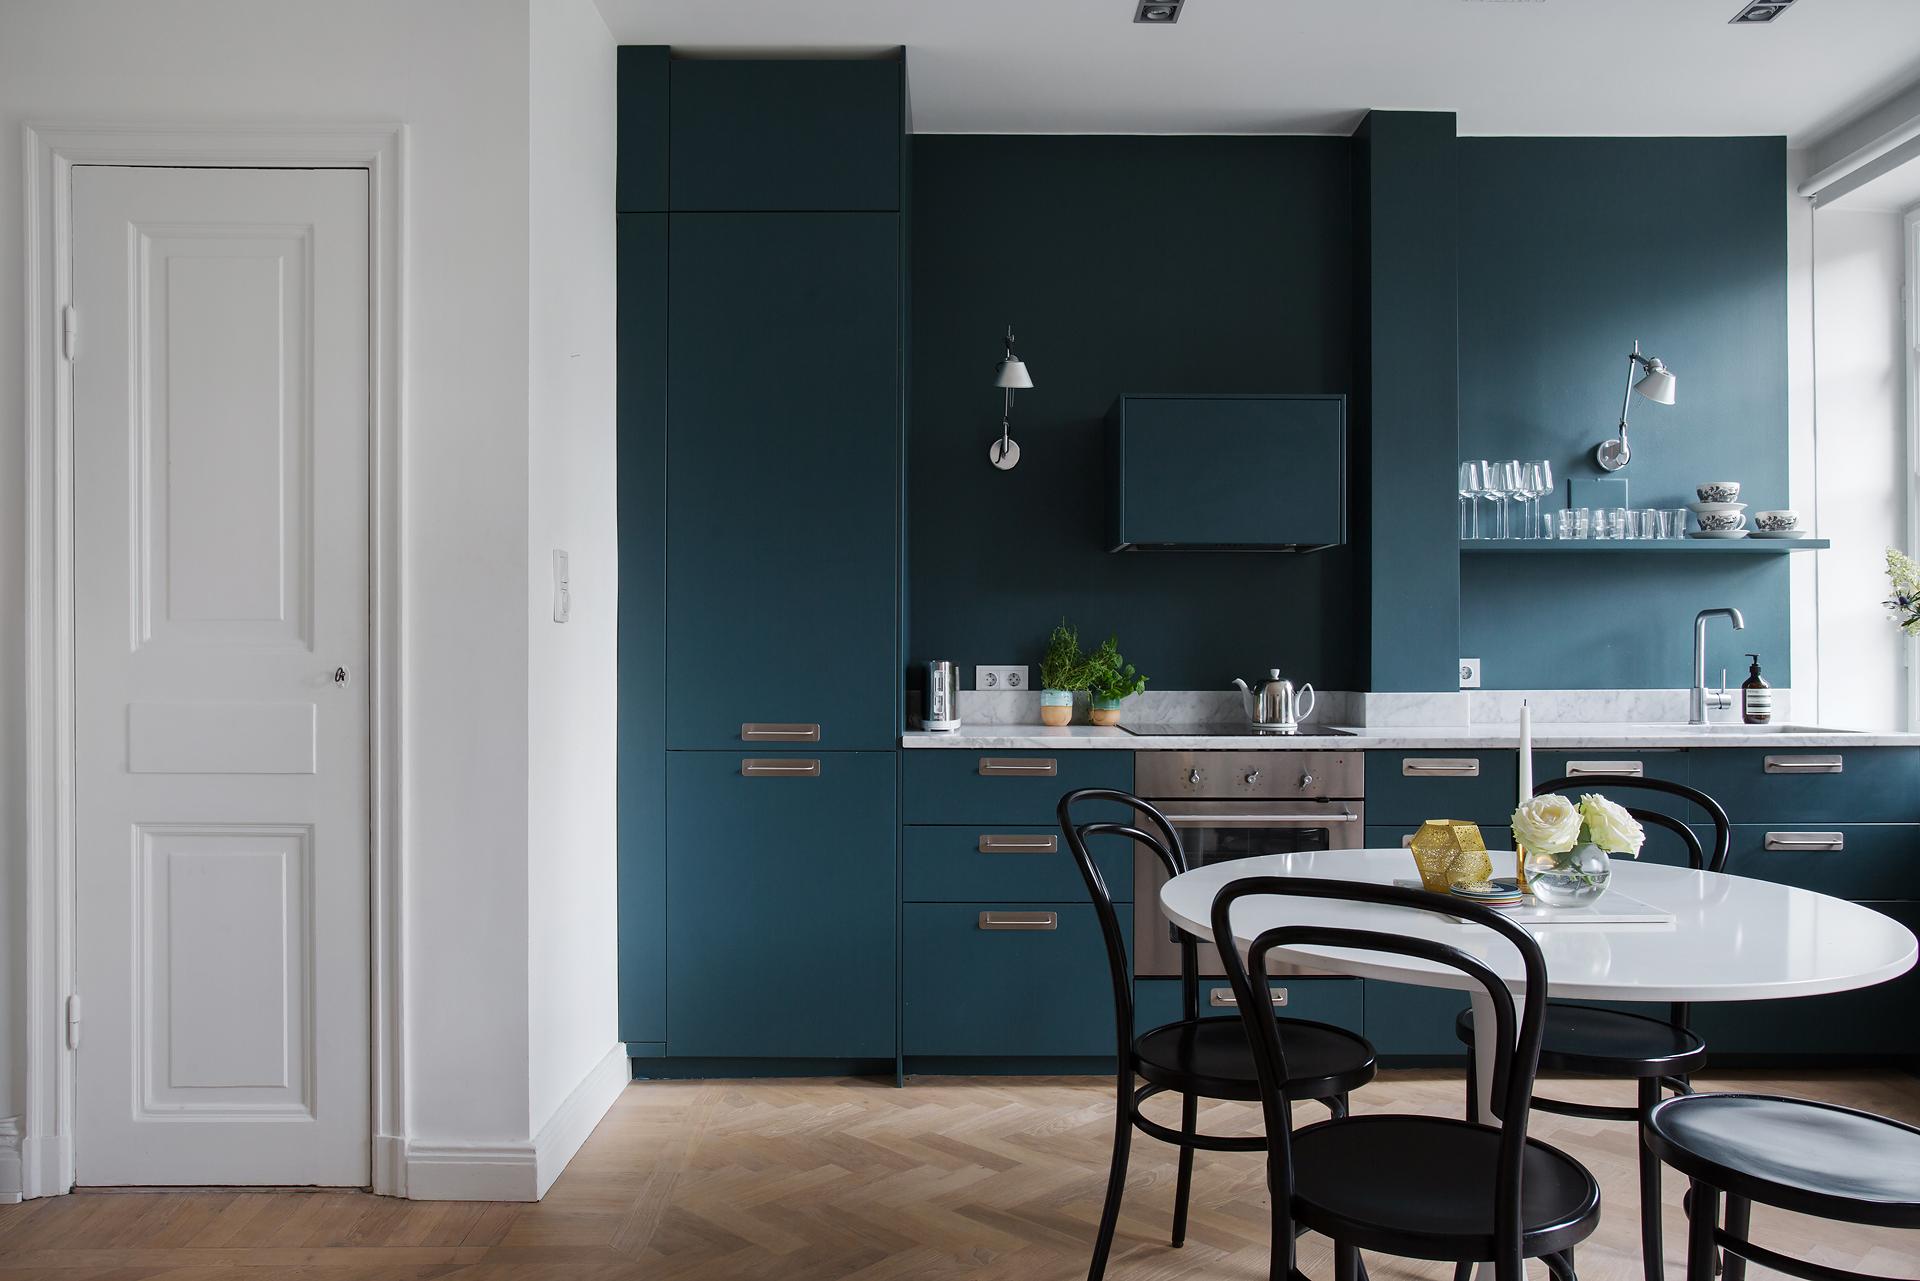 Pintar la pared de la cocina del mismo color que los for Pintar paredes con muebles oscuros